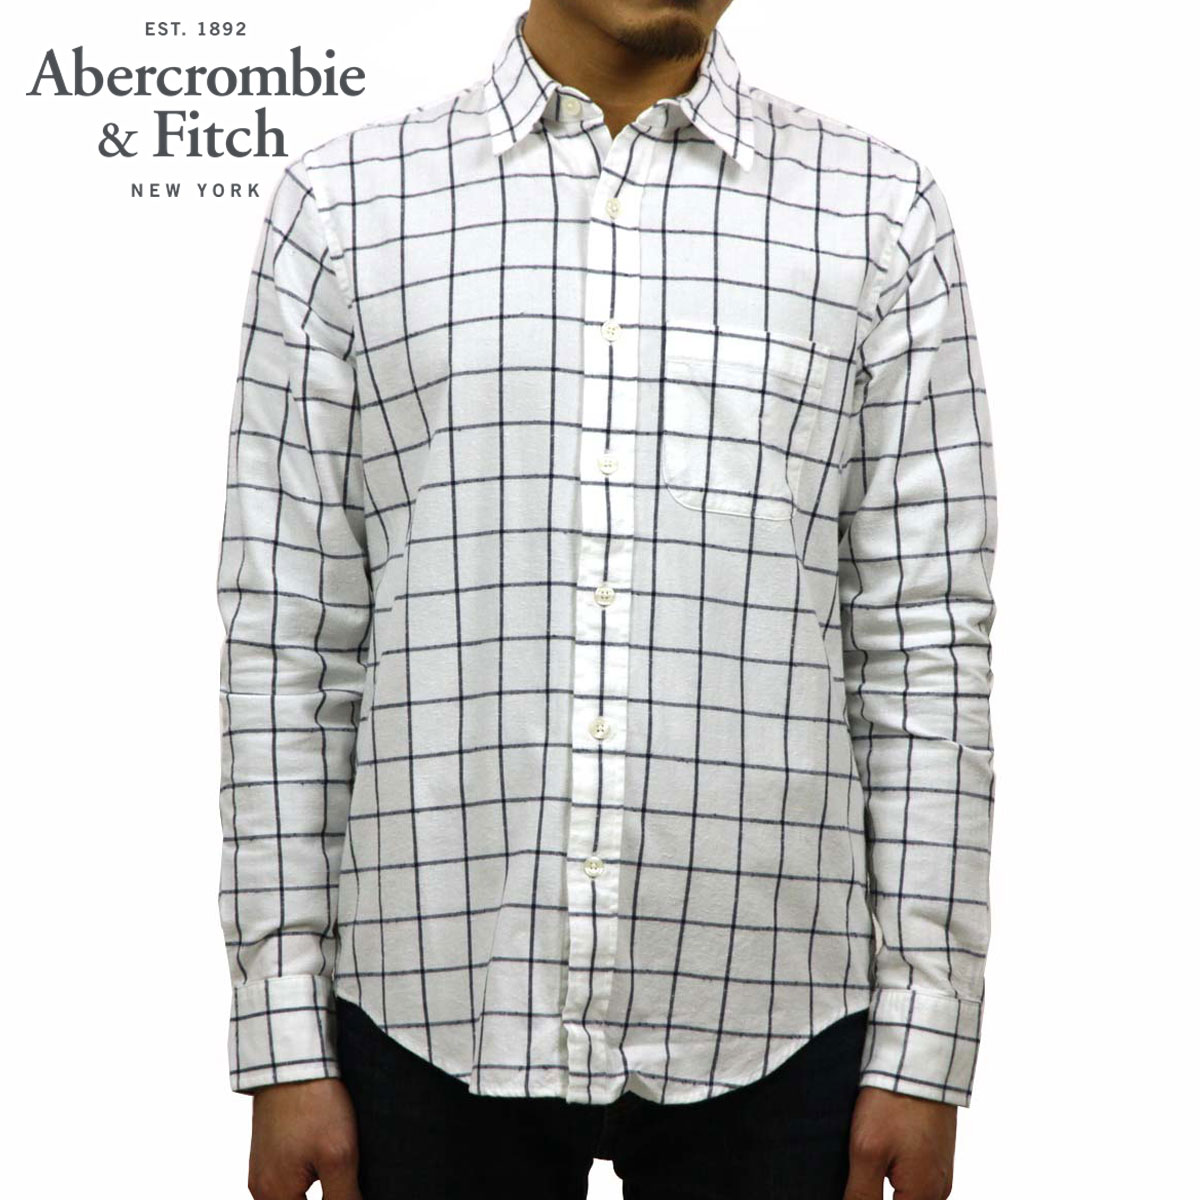 アバクロ Abercrombie&Fitch 正規品 メンズ 長袖シャツ Check Patterned Shirt 125-168-2179-218 D00S20